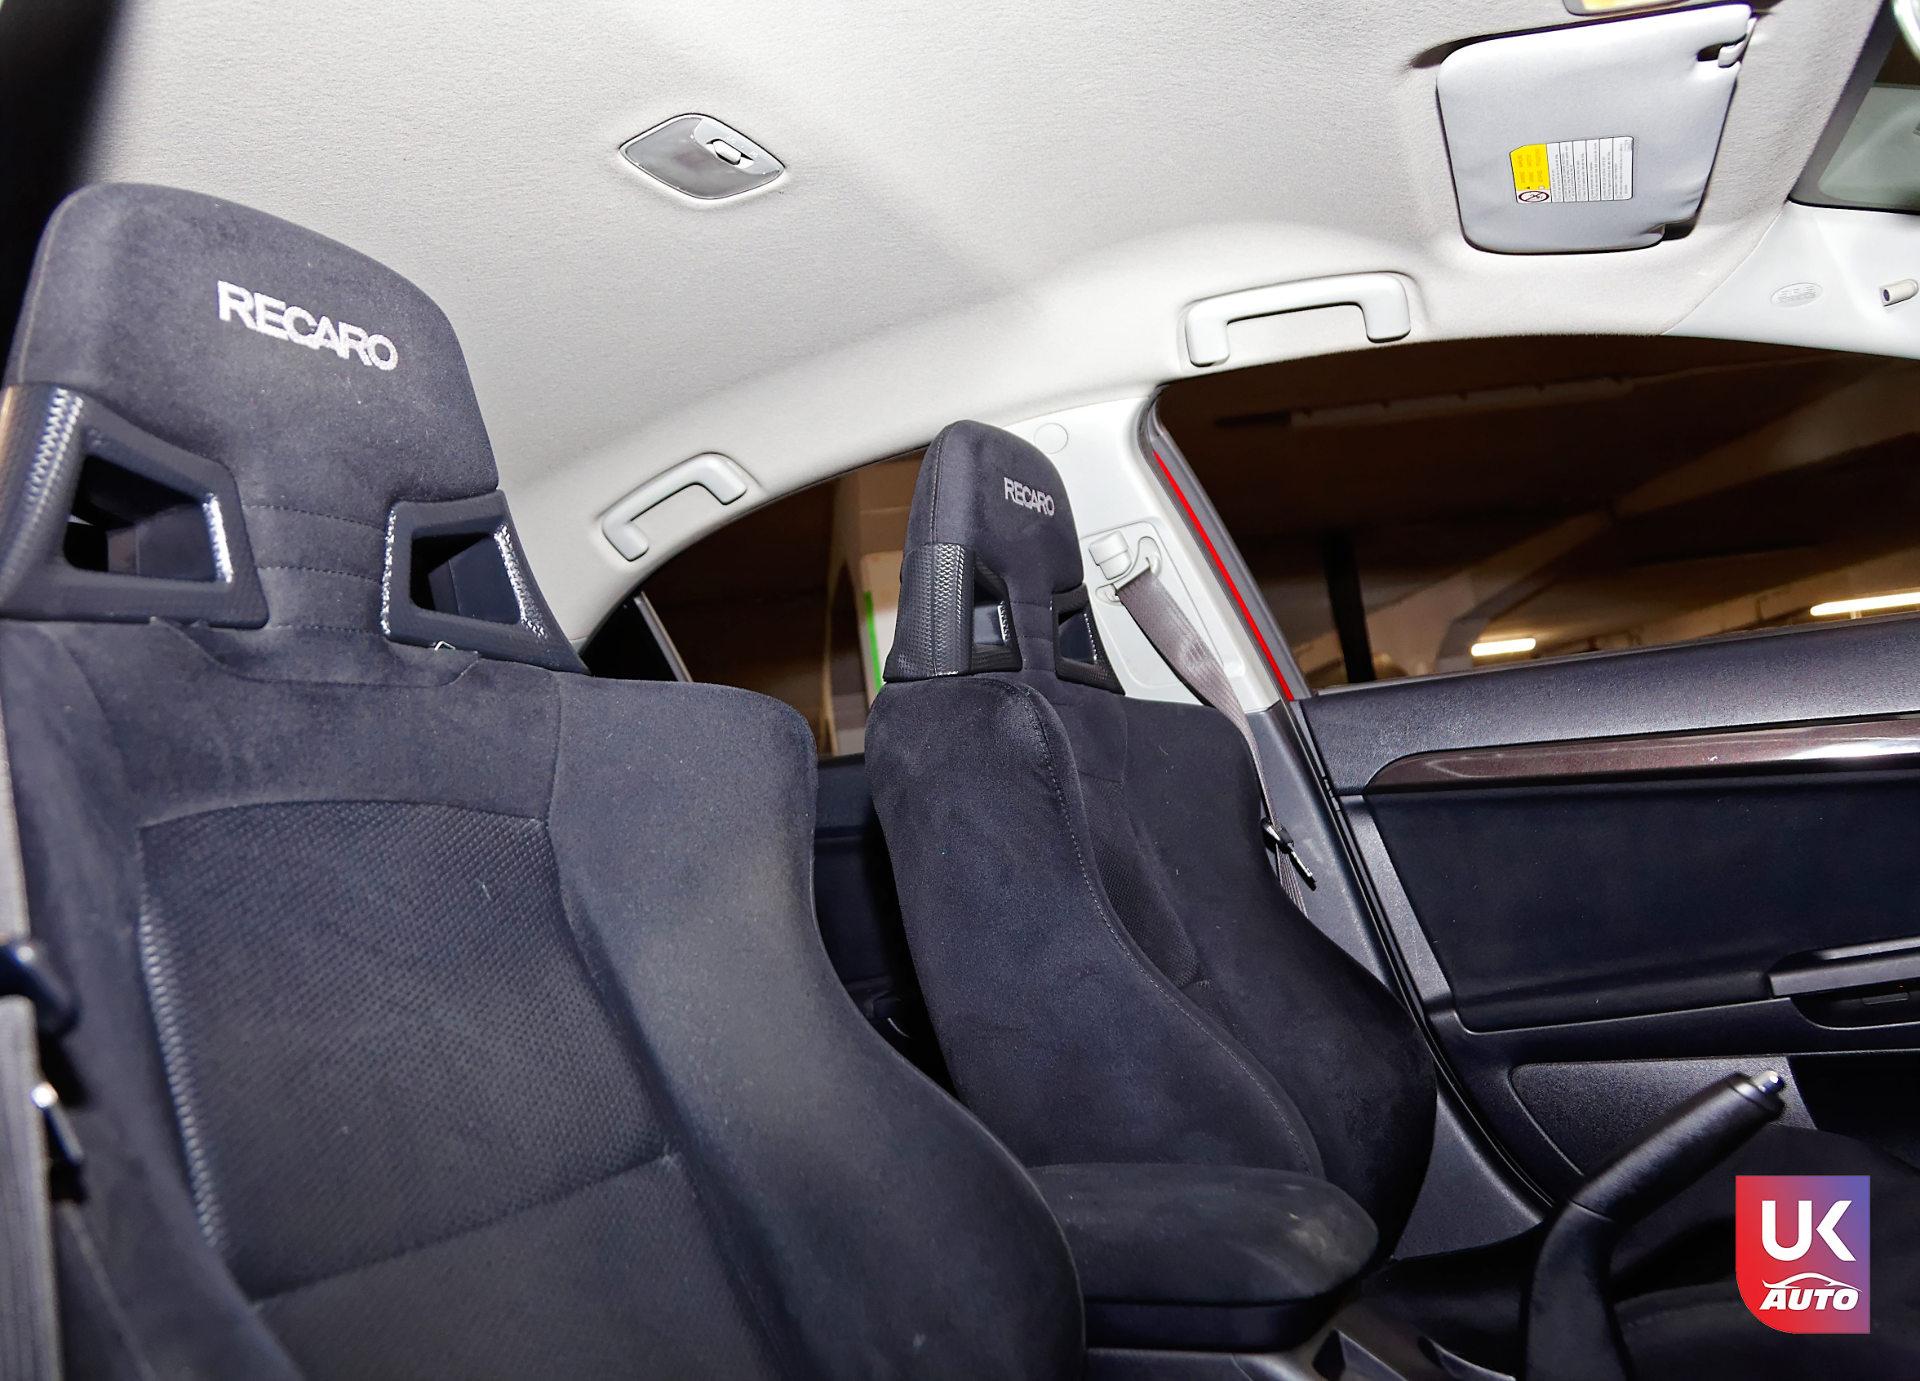 Mitsubishi Lancer evolution x GSR FQ 300 evo uk import voiture occasion7 DxO - Import Mitsubishi angleterre Lancer evolution x GSR FQ 300 Mitsubishi Import voiture Angleterre Autoscout angleterre